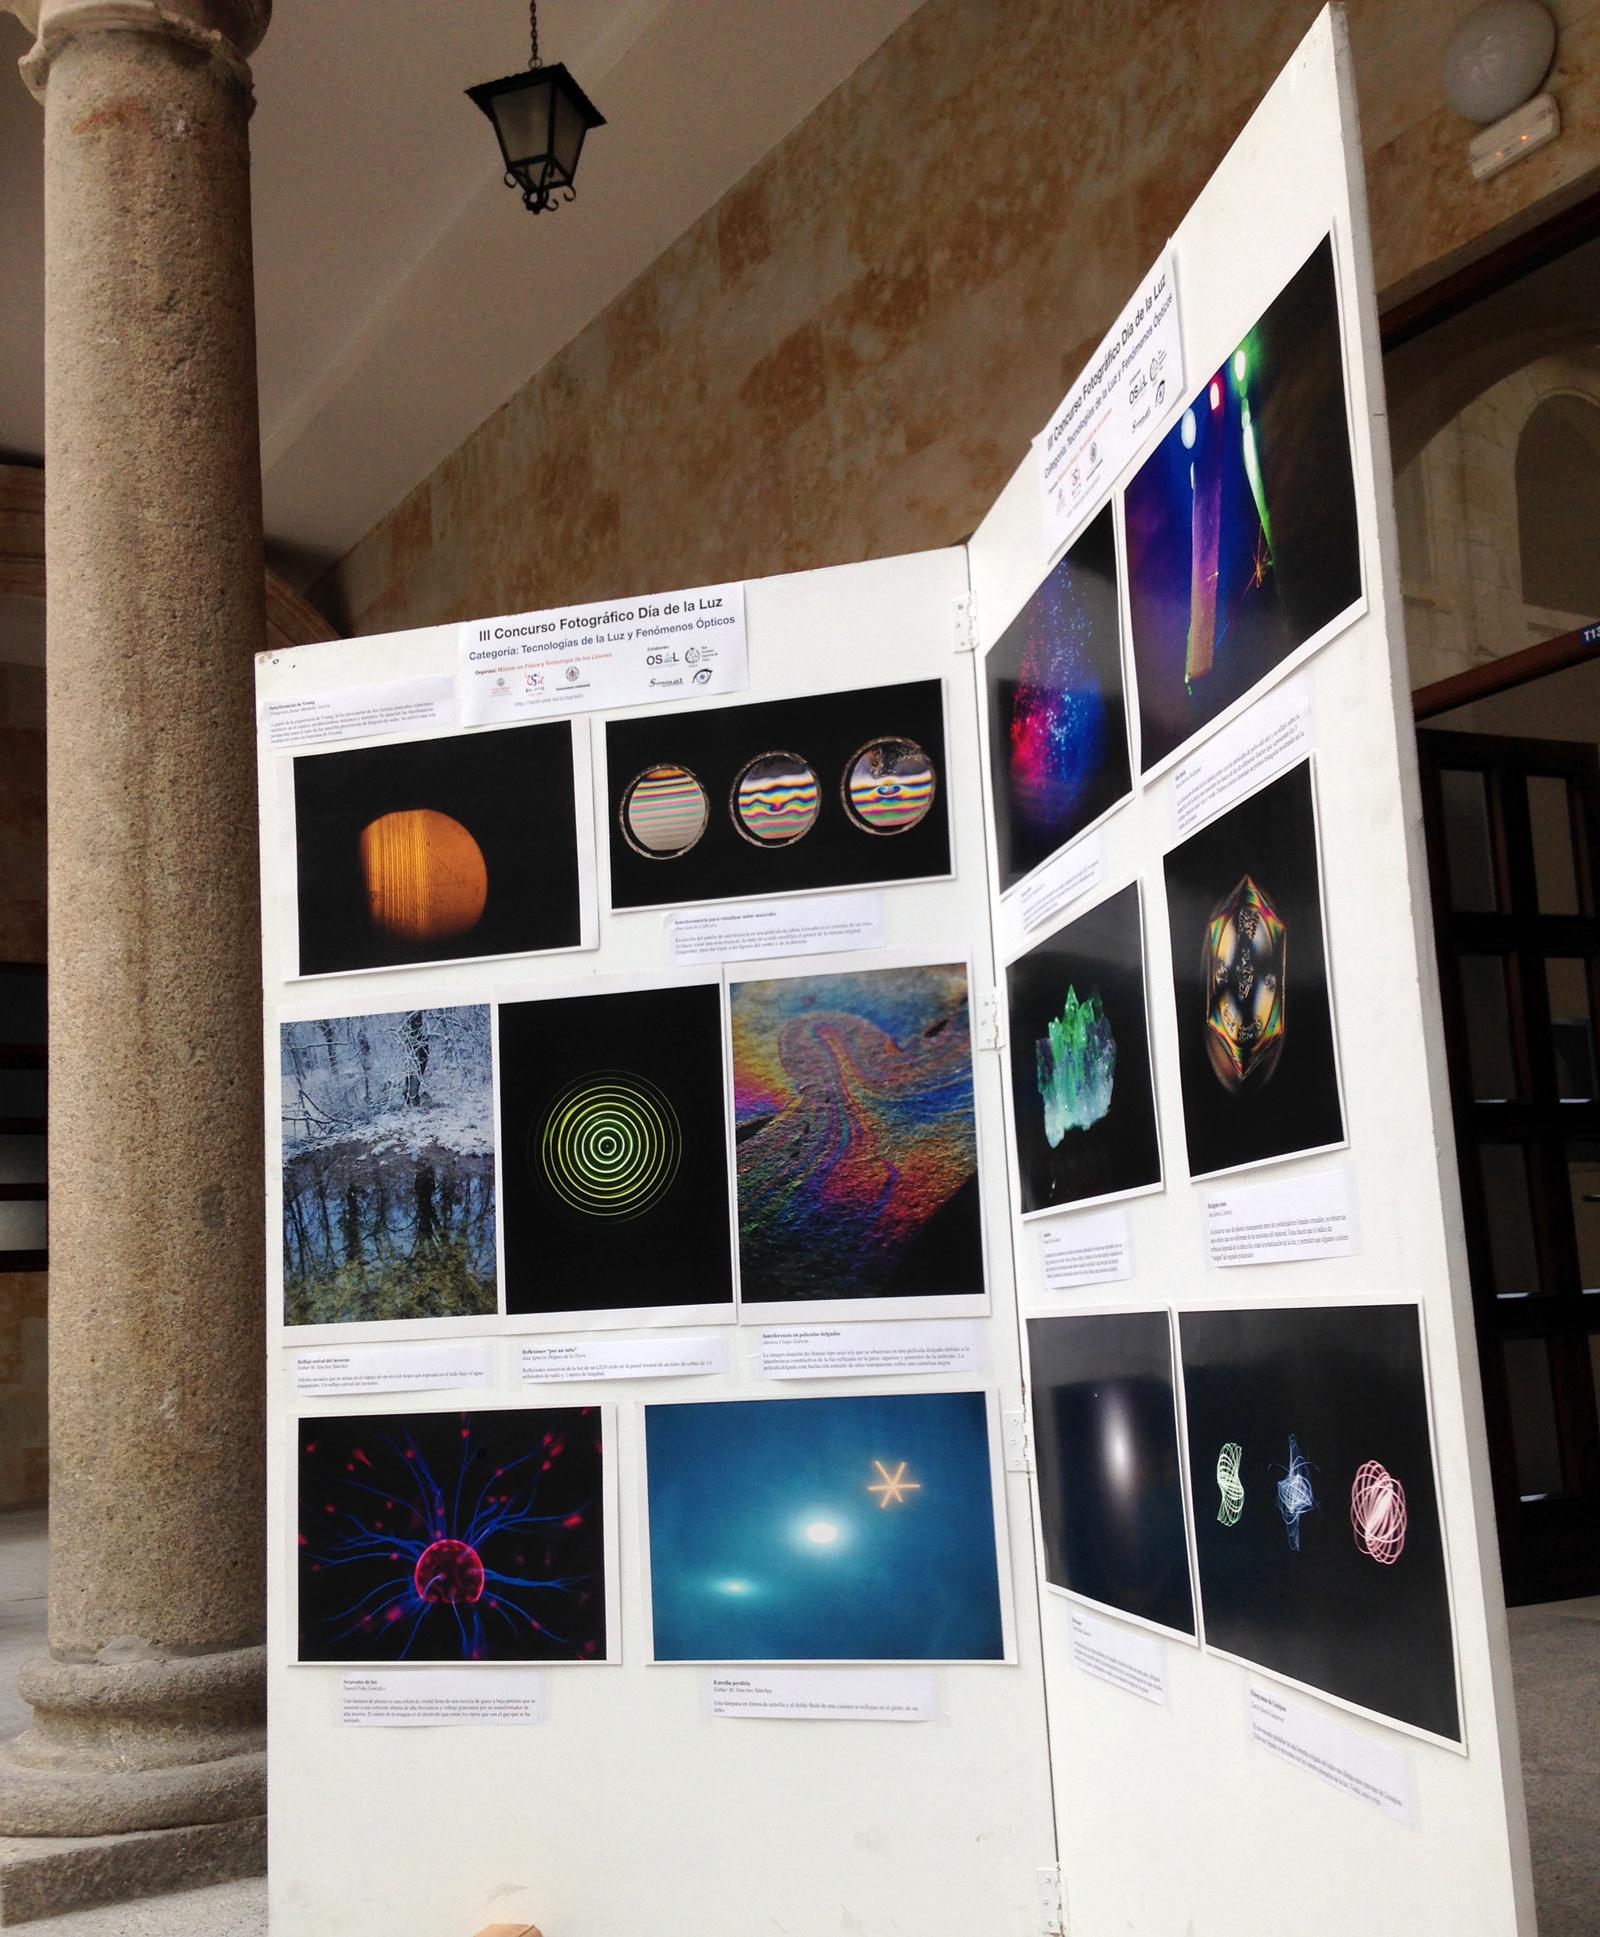 Ya están expuestas las fotografías del concurso Día de la Luz, en el patio del Edificio Trilingüe (Física)